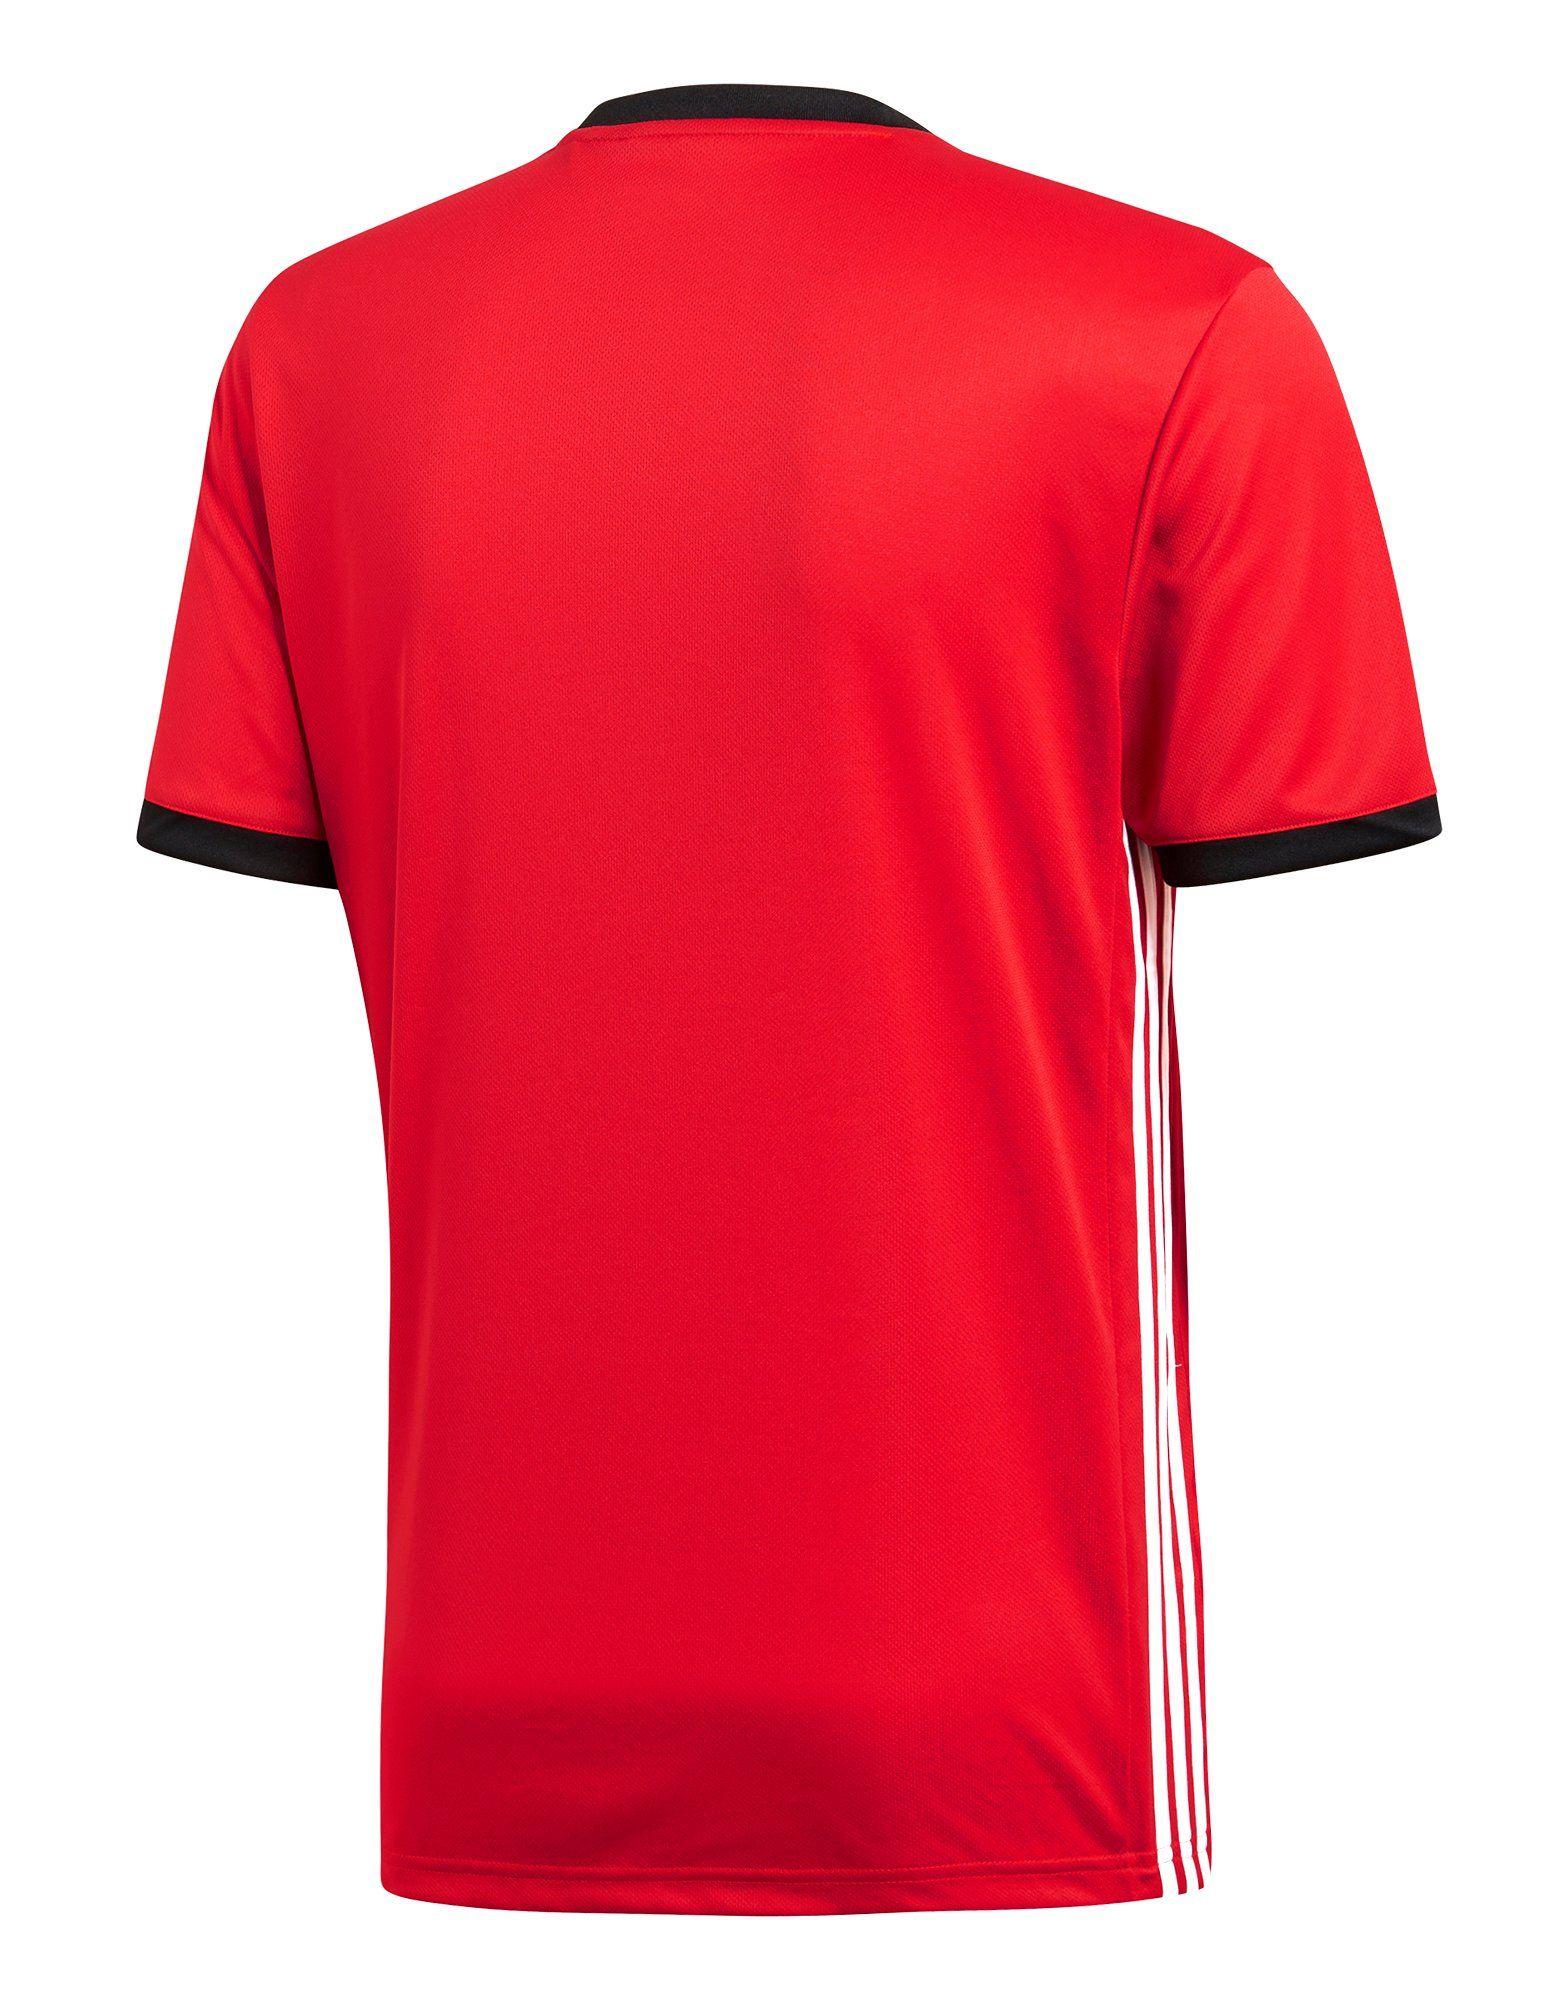 adidas Egypt 2018 Home Shirt